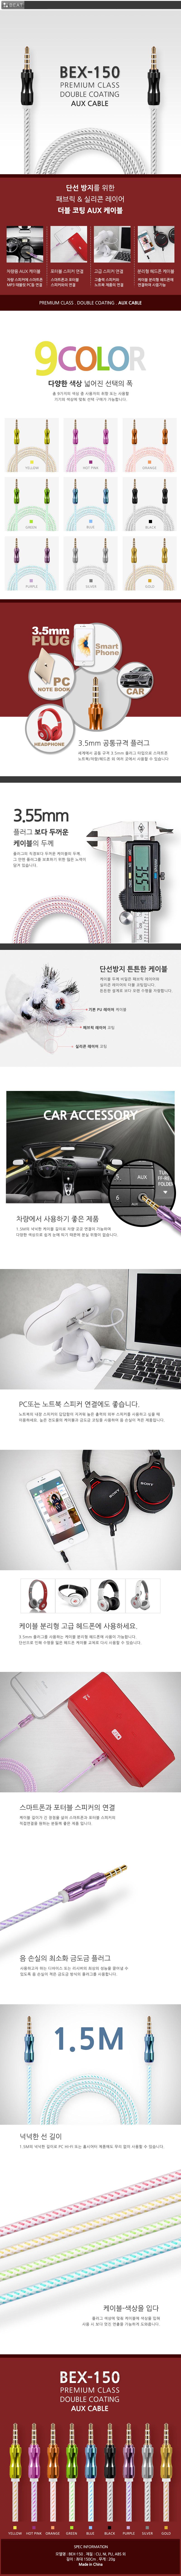 헤드폰 스피커연결 단선방지 AUX케이블 BEX150 - 심플, 7,000원, 이어폰, 이어폰 악세서리